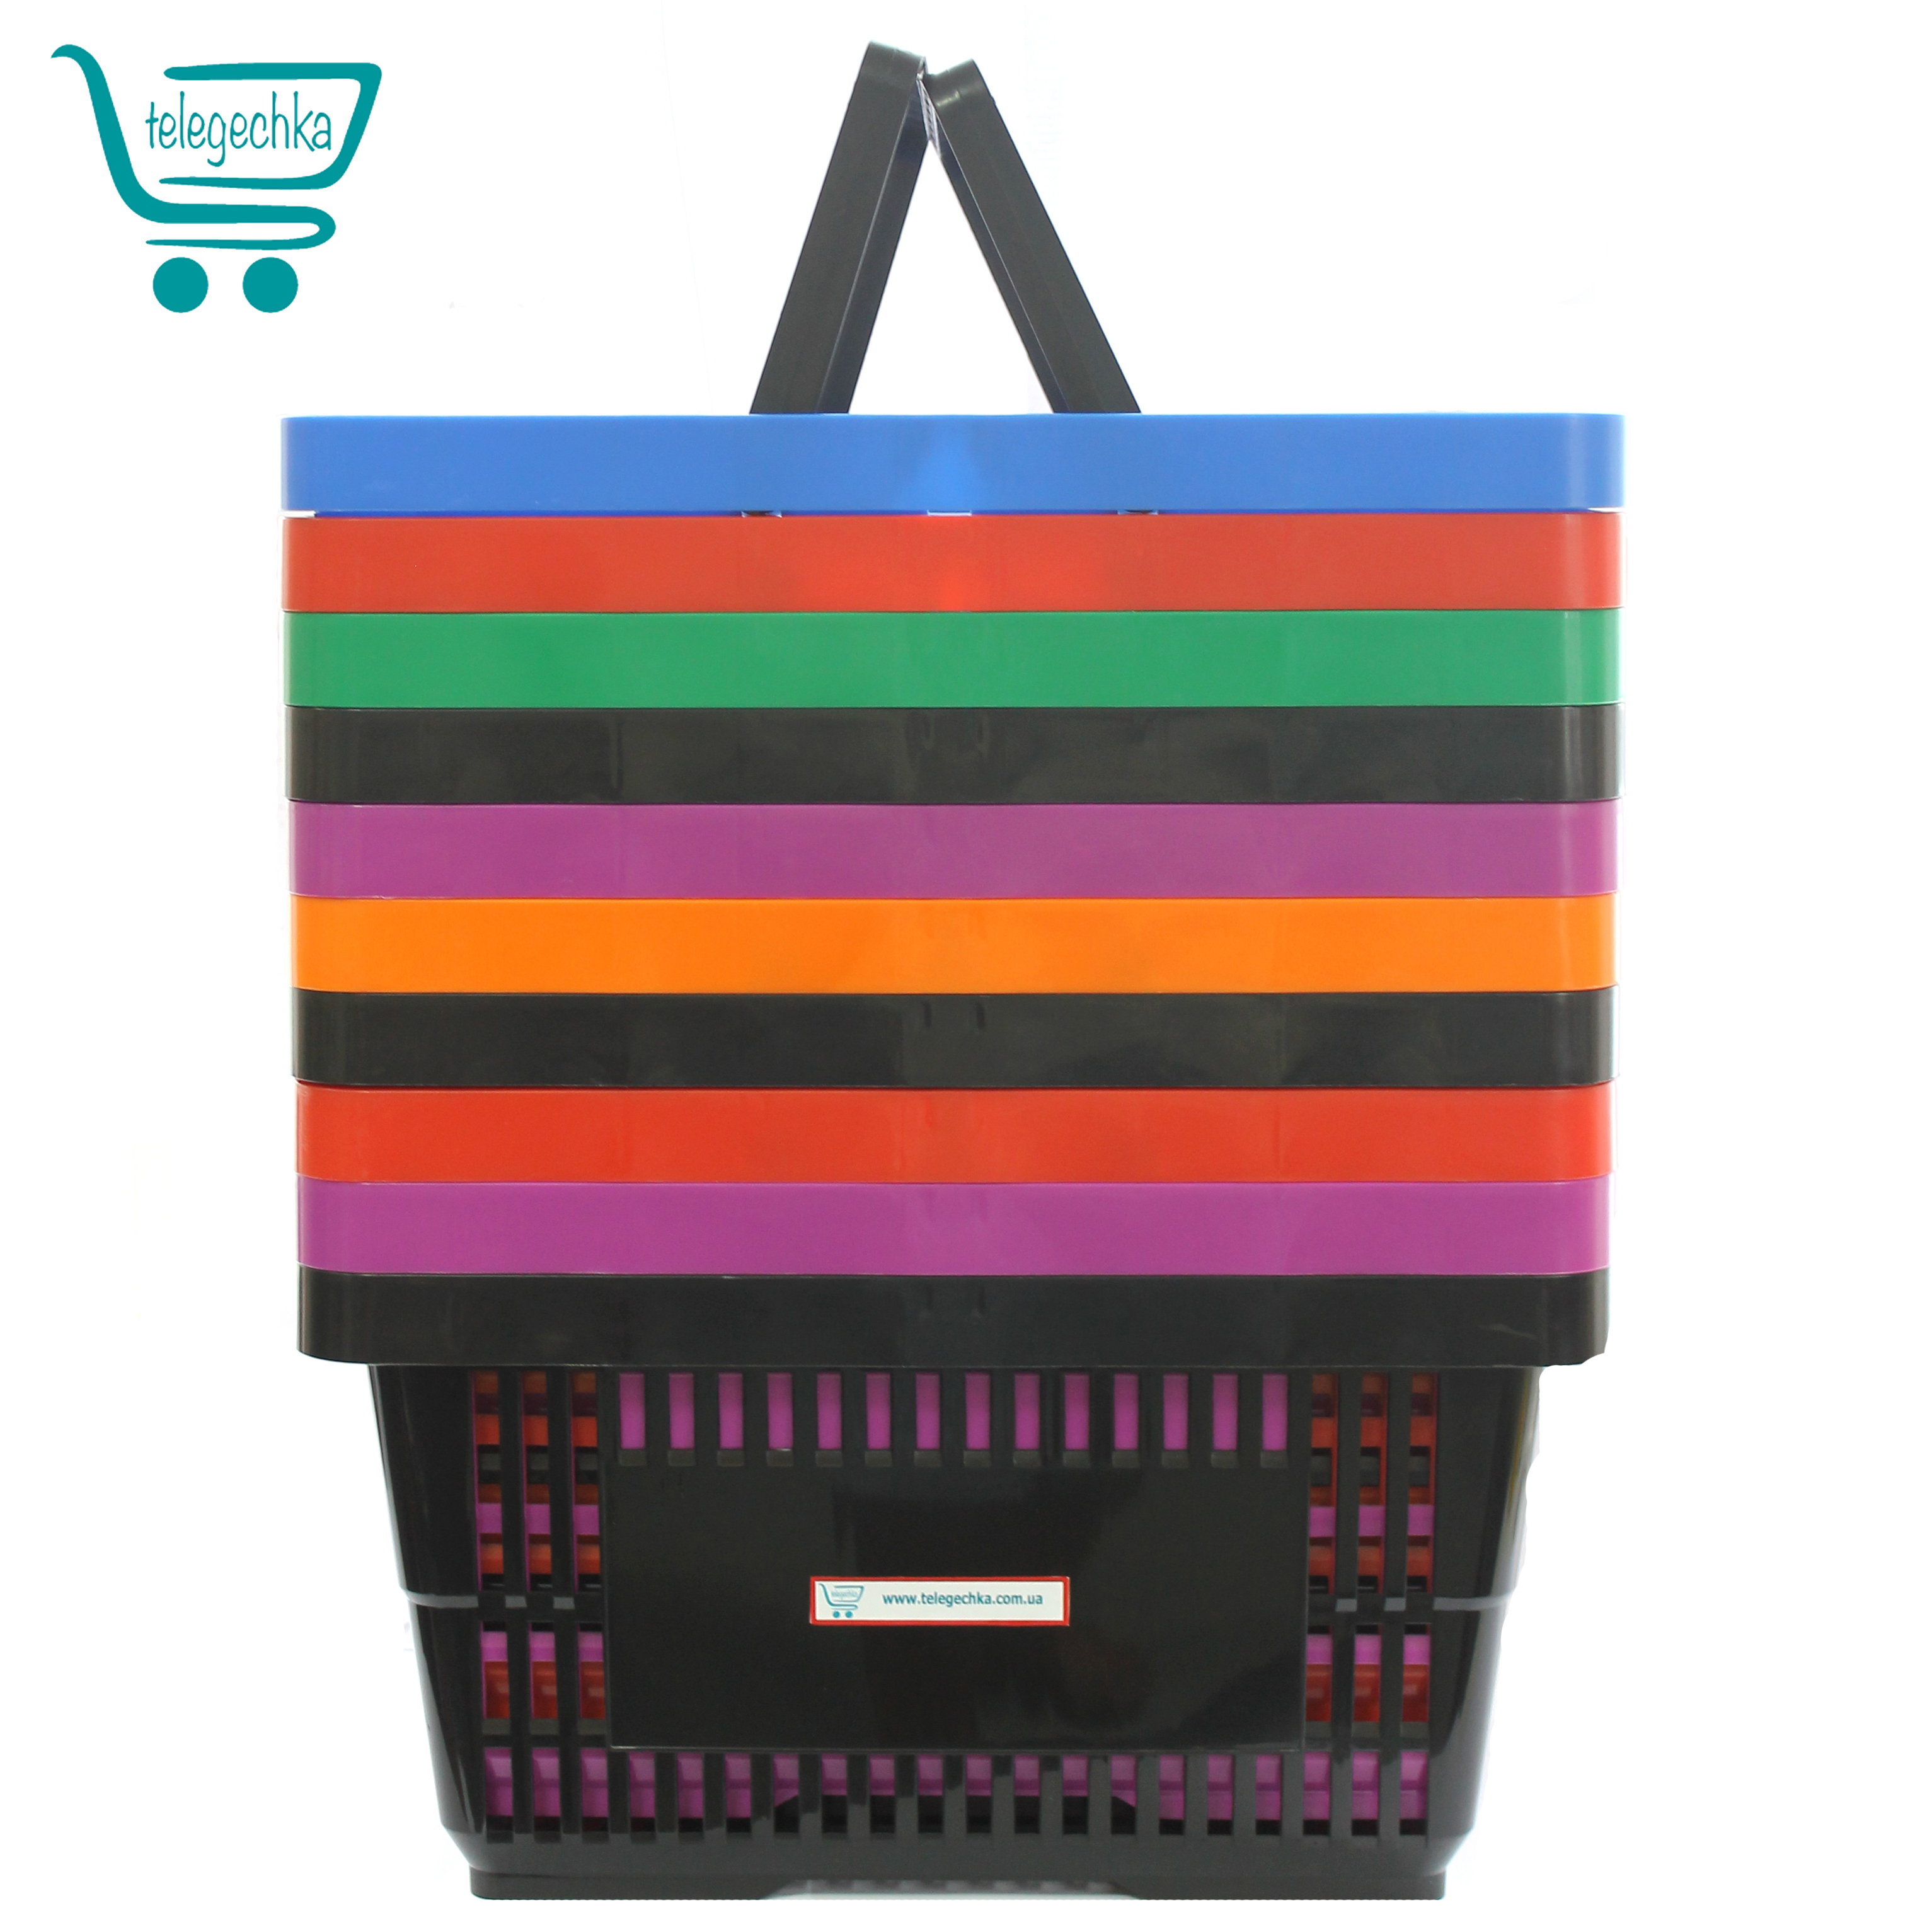 корзинка для магазина, корзины для магазина черная